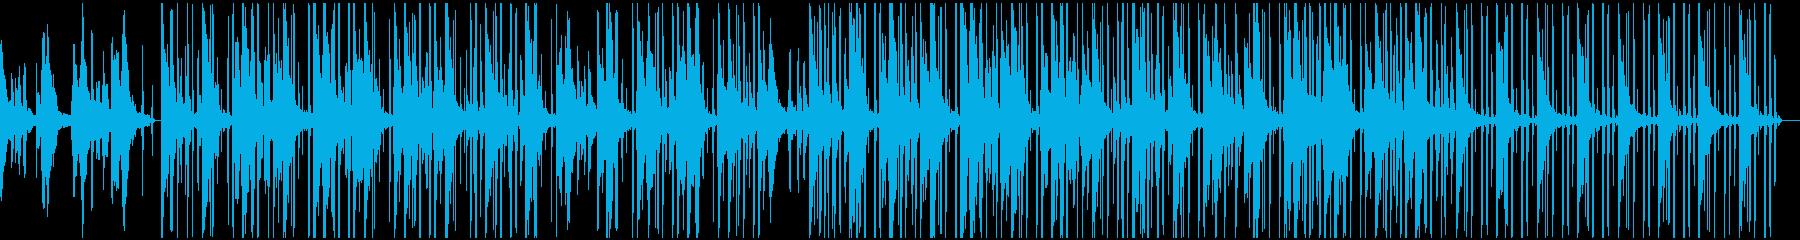 ゆったりとしたピアノLofiHihopの再生済みの波形